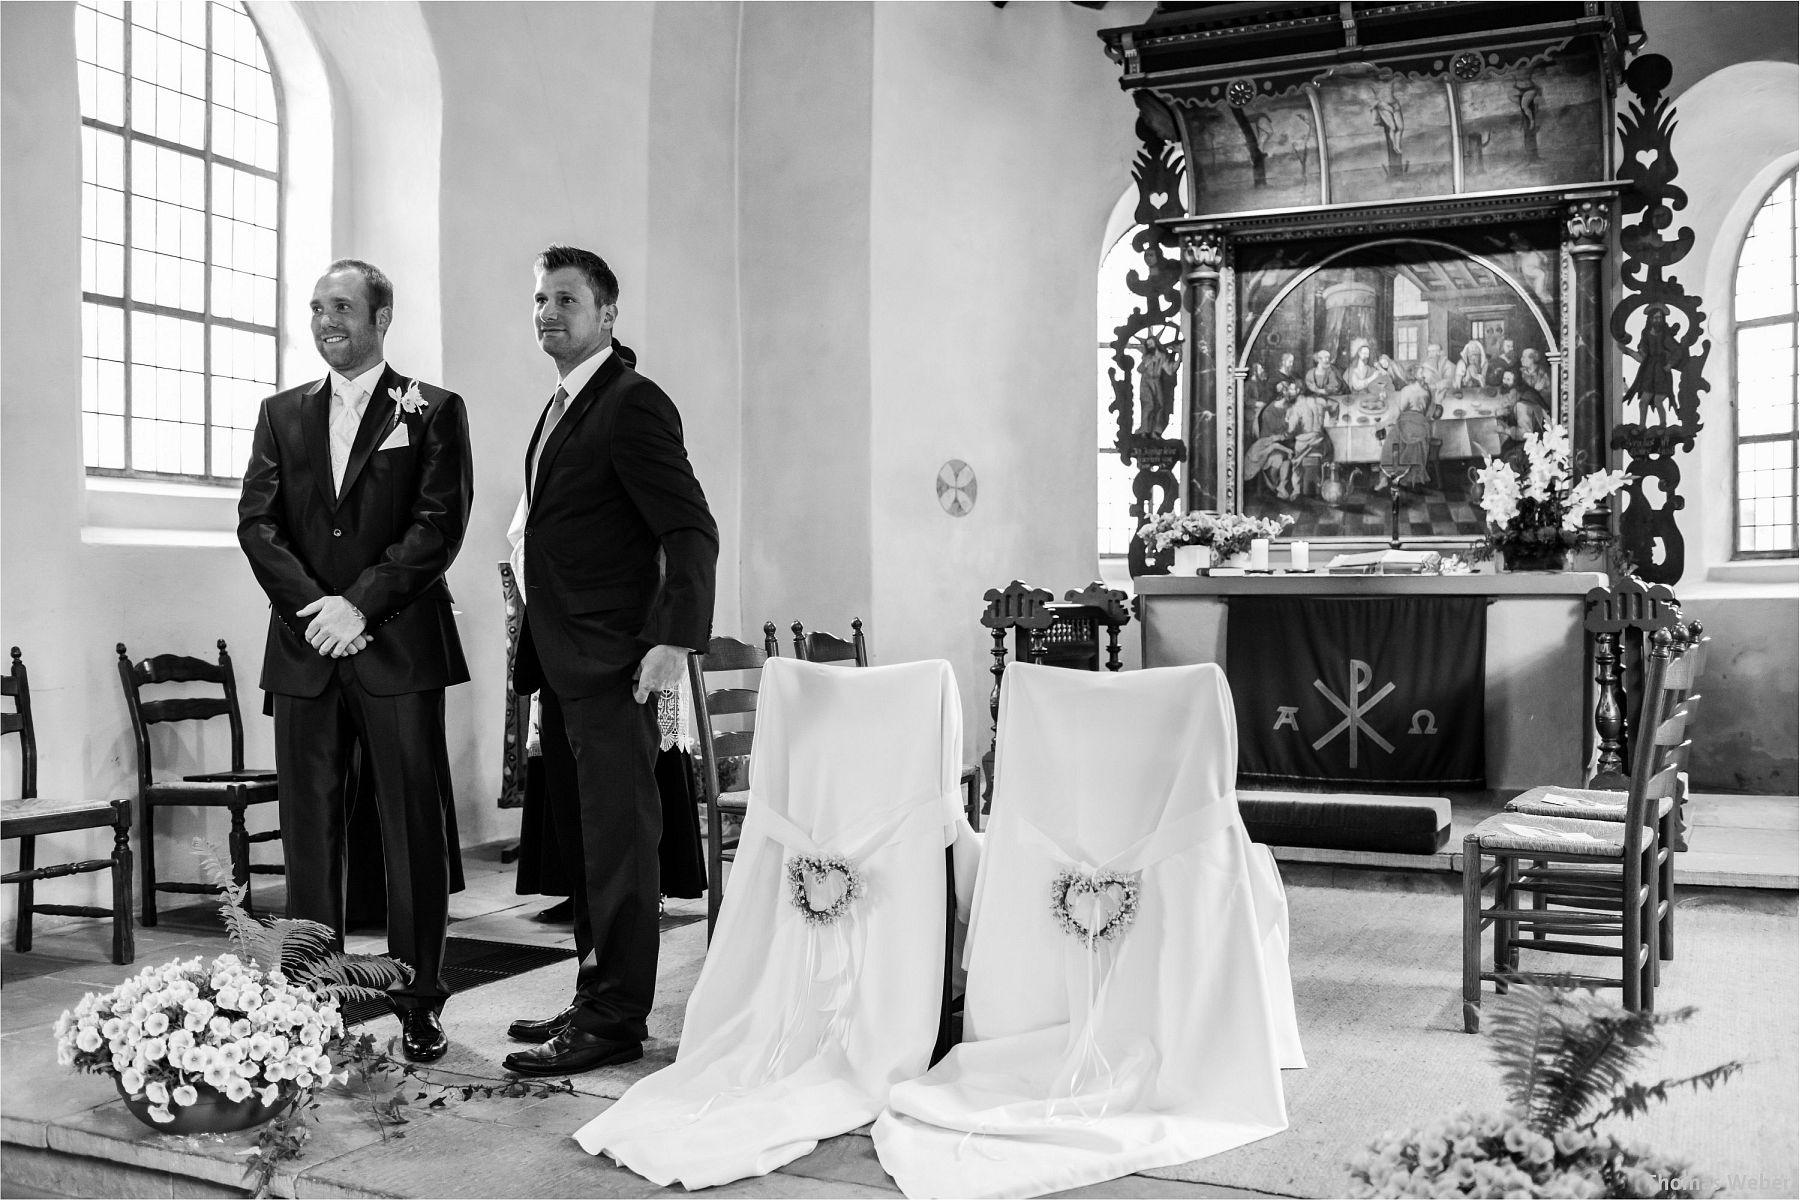 Hochzeitsfotograf Papenburg: Standesamtliche Trauung auf der Burg Kniphausen und Feier im Le Patron am Meer (27)